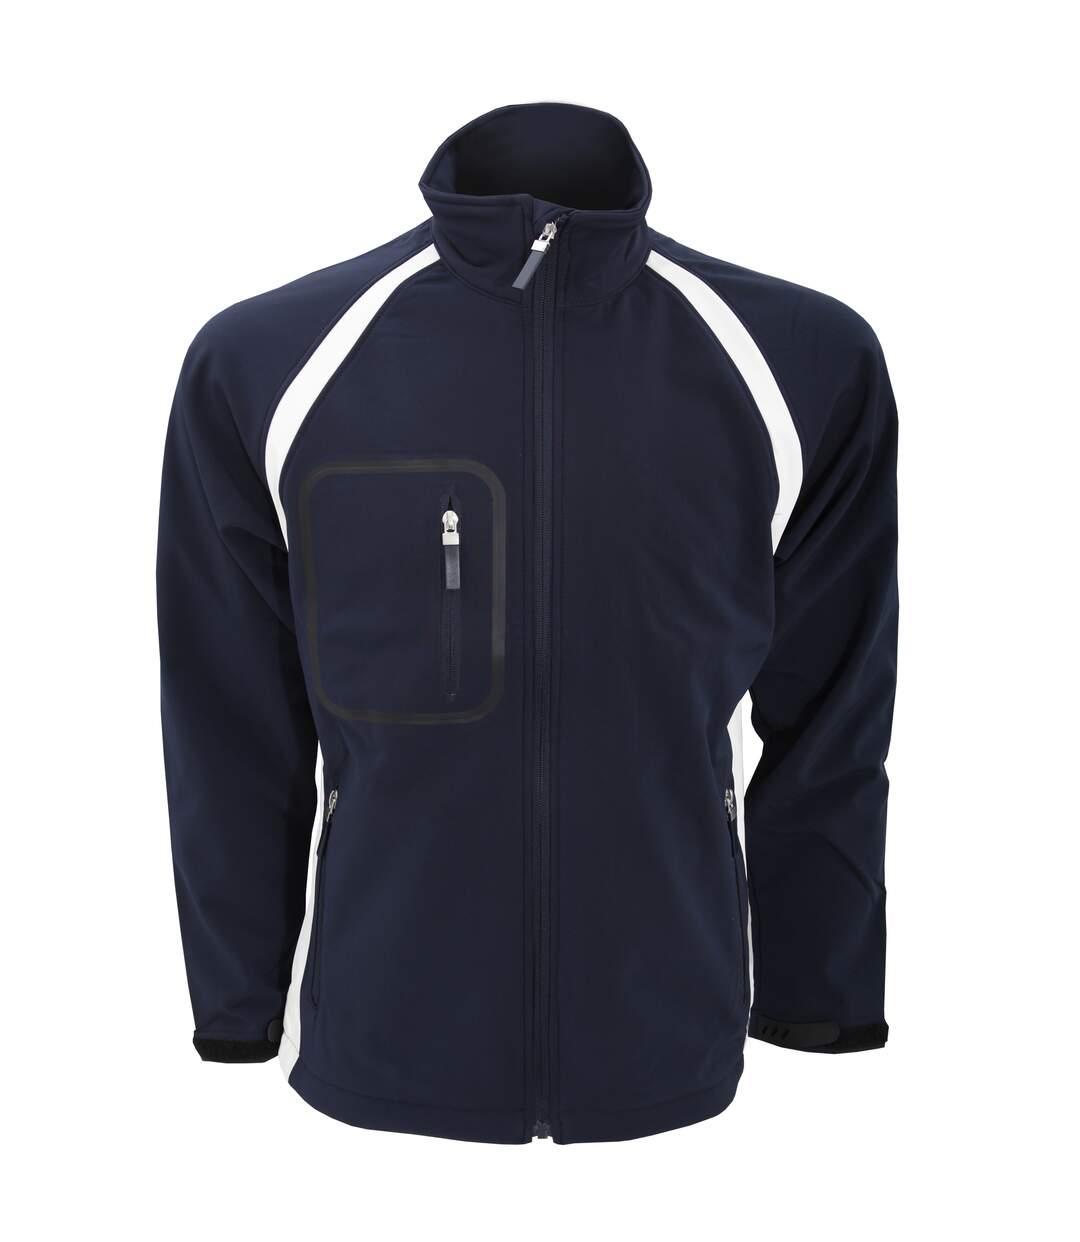 Finden & Hales Mens Team 3-Layer Softshell Sports Jacket (Navy/White) - UTRW442